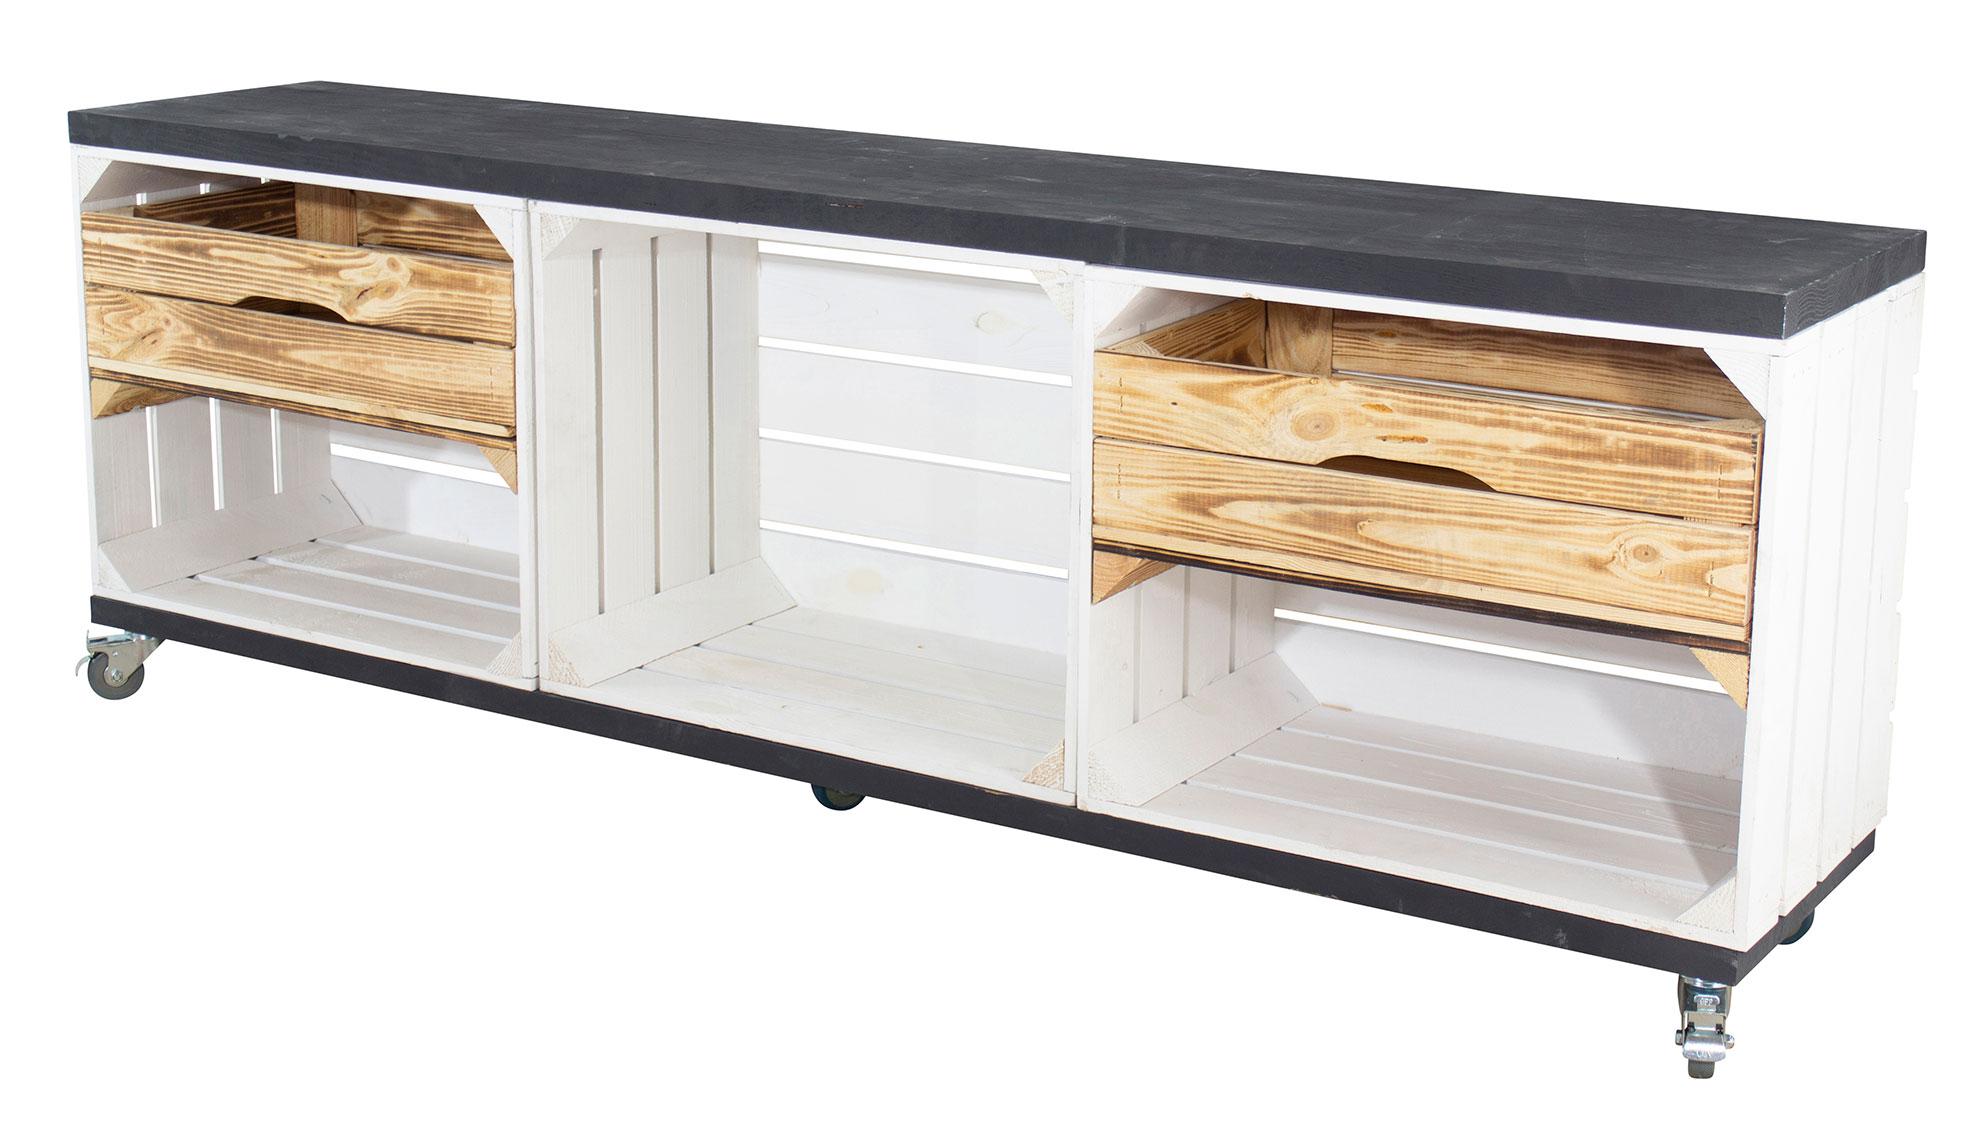 TV Schrank in weiß aus 3 Kisten und 2 Bohlenbrettern auf Rollen 150x53x30